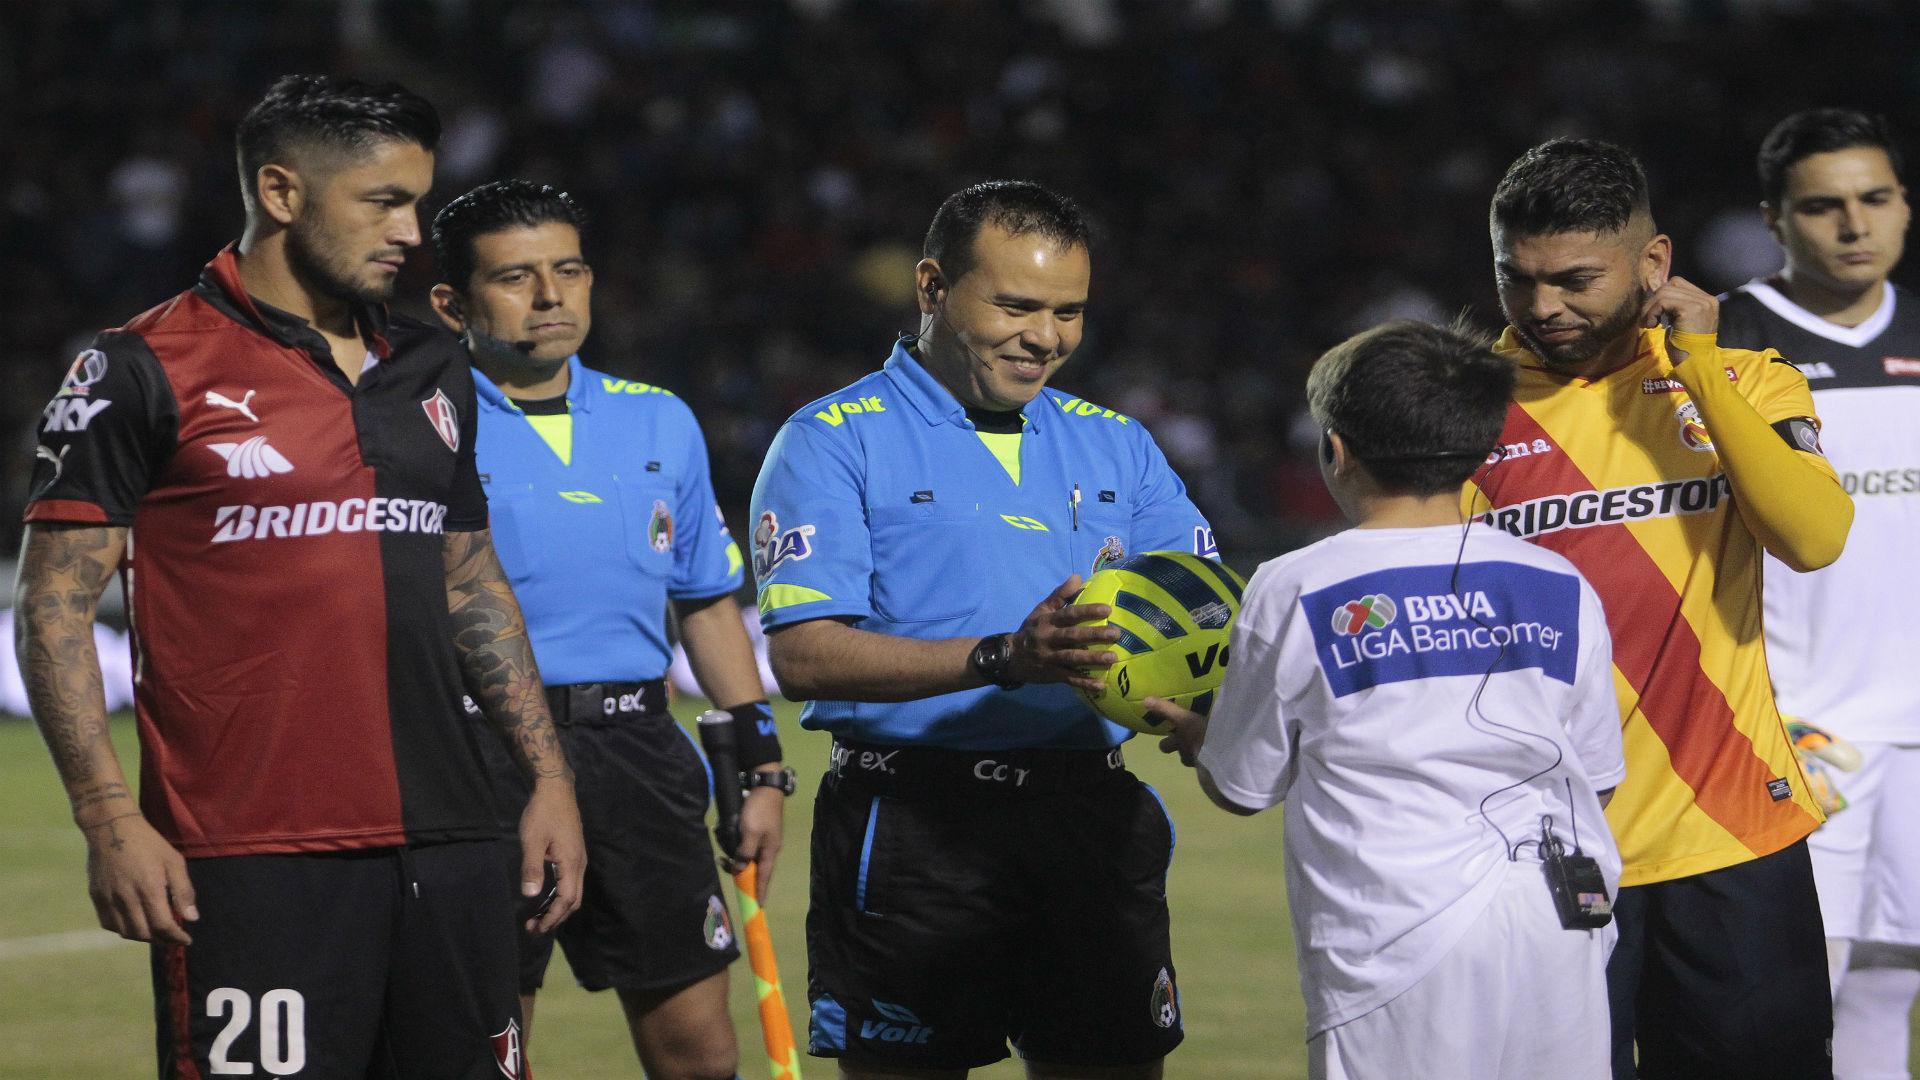 Image Result For Veracruz Vs Toluca En Vivo Australia